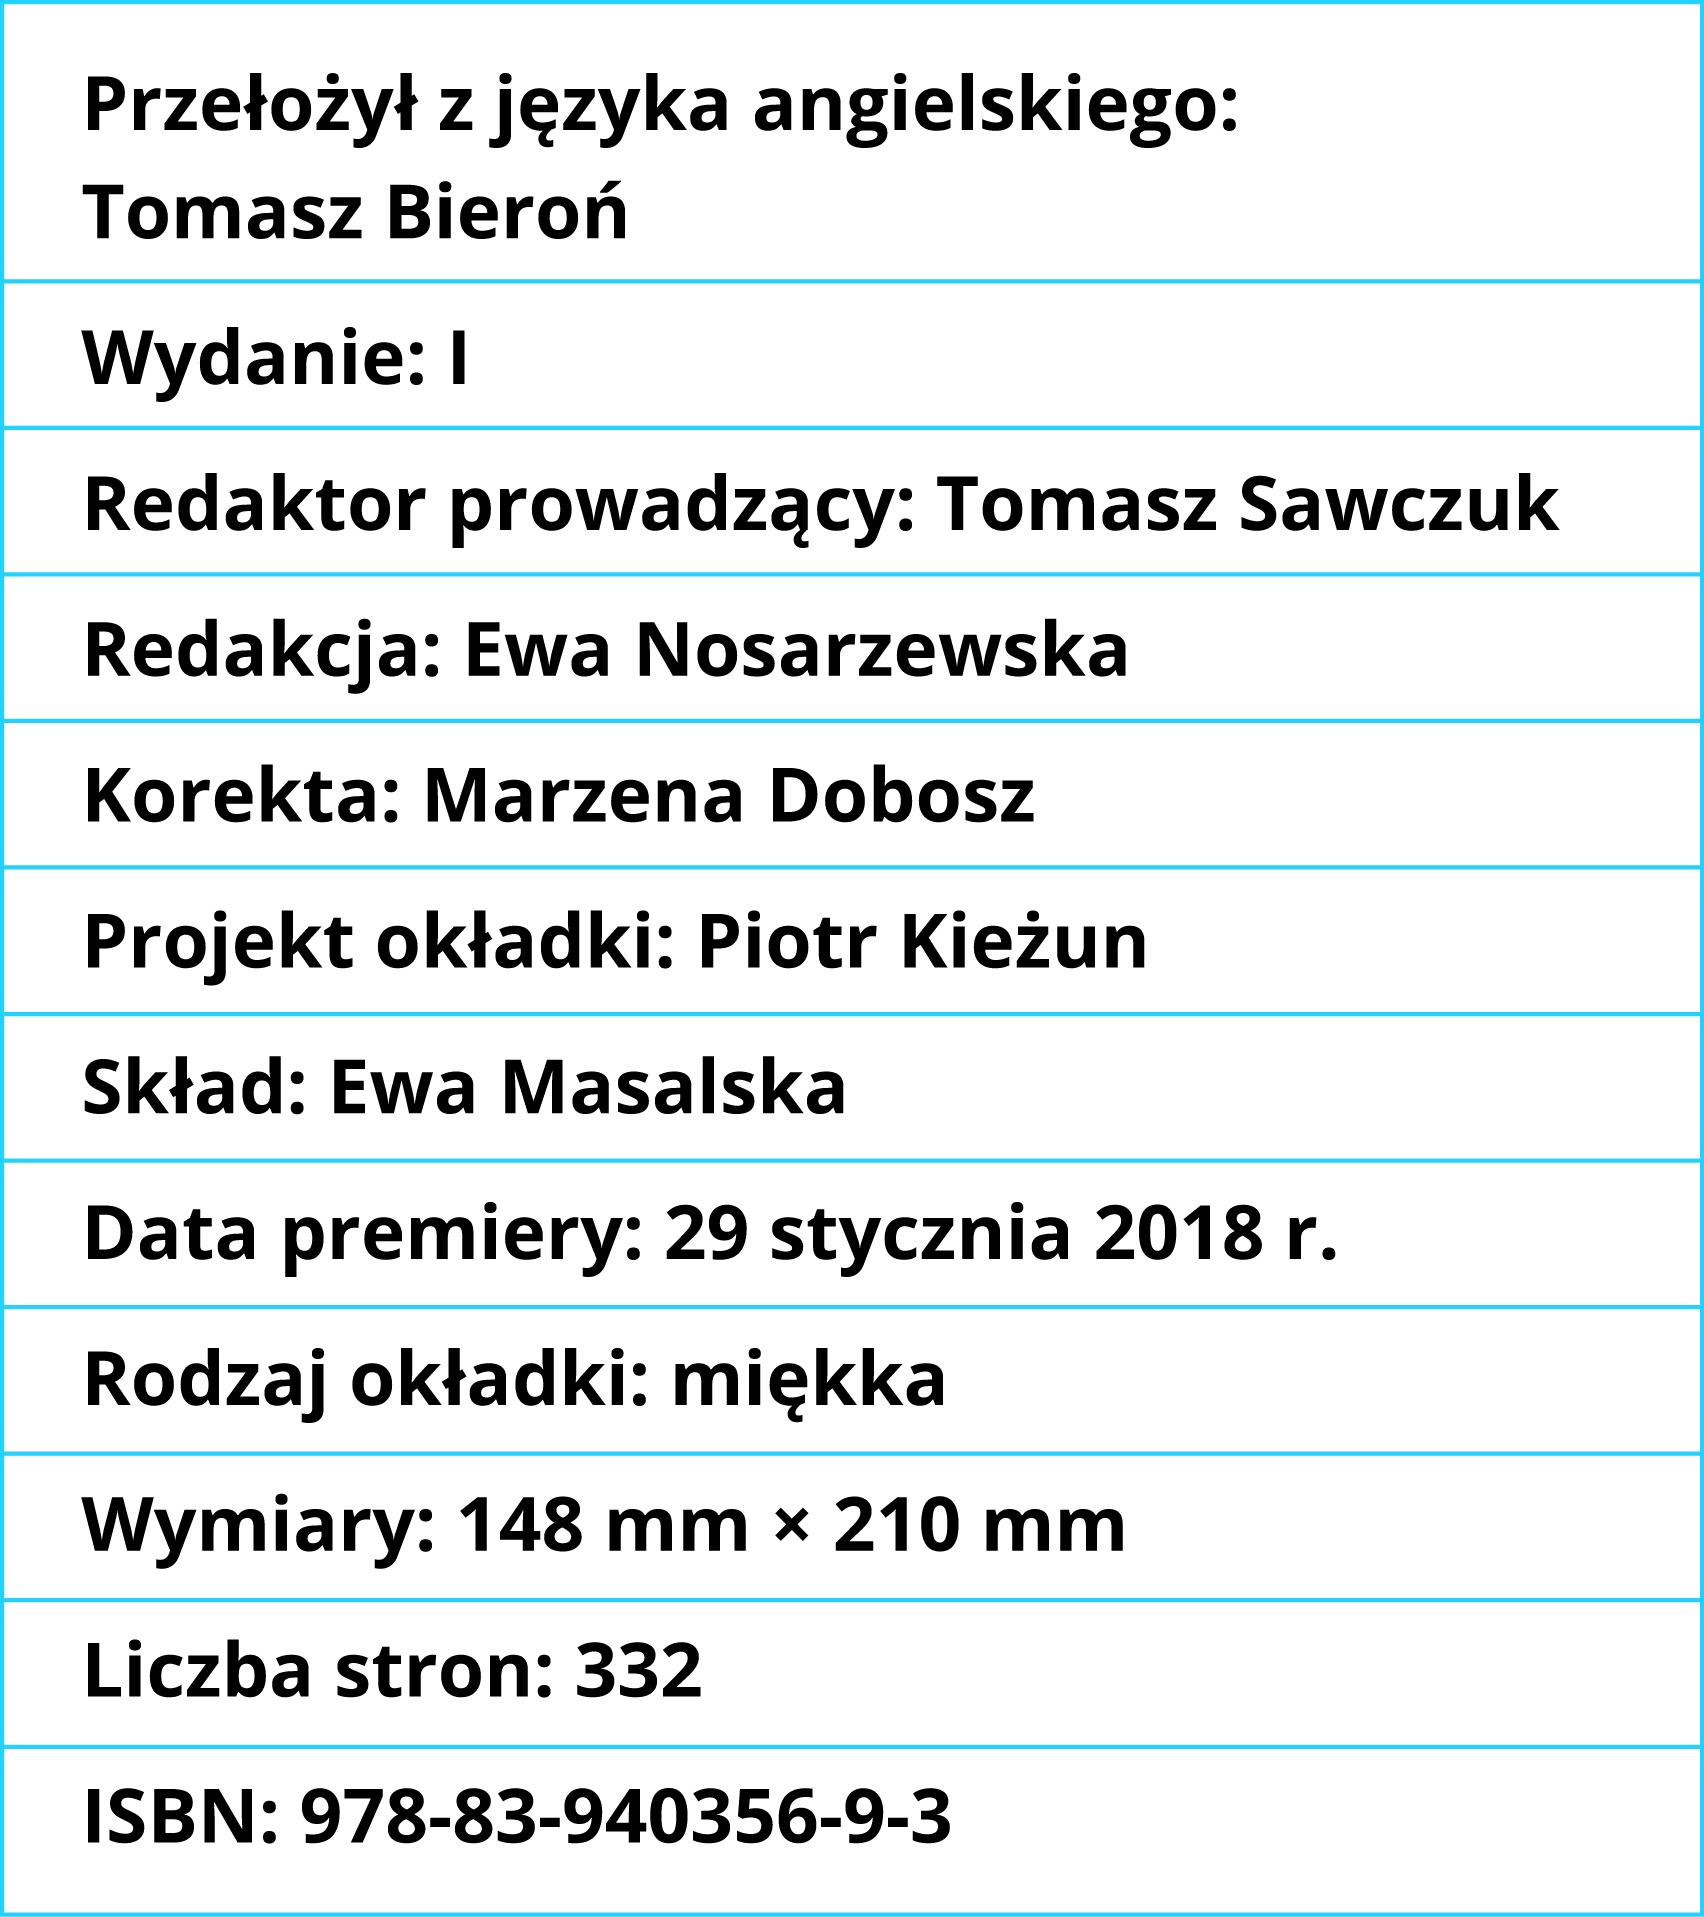 nota bibliograficzna_Zakaria